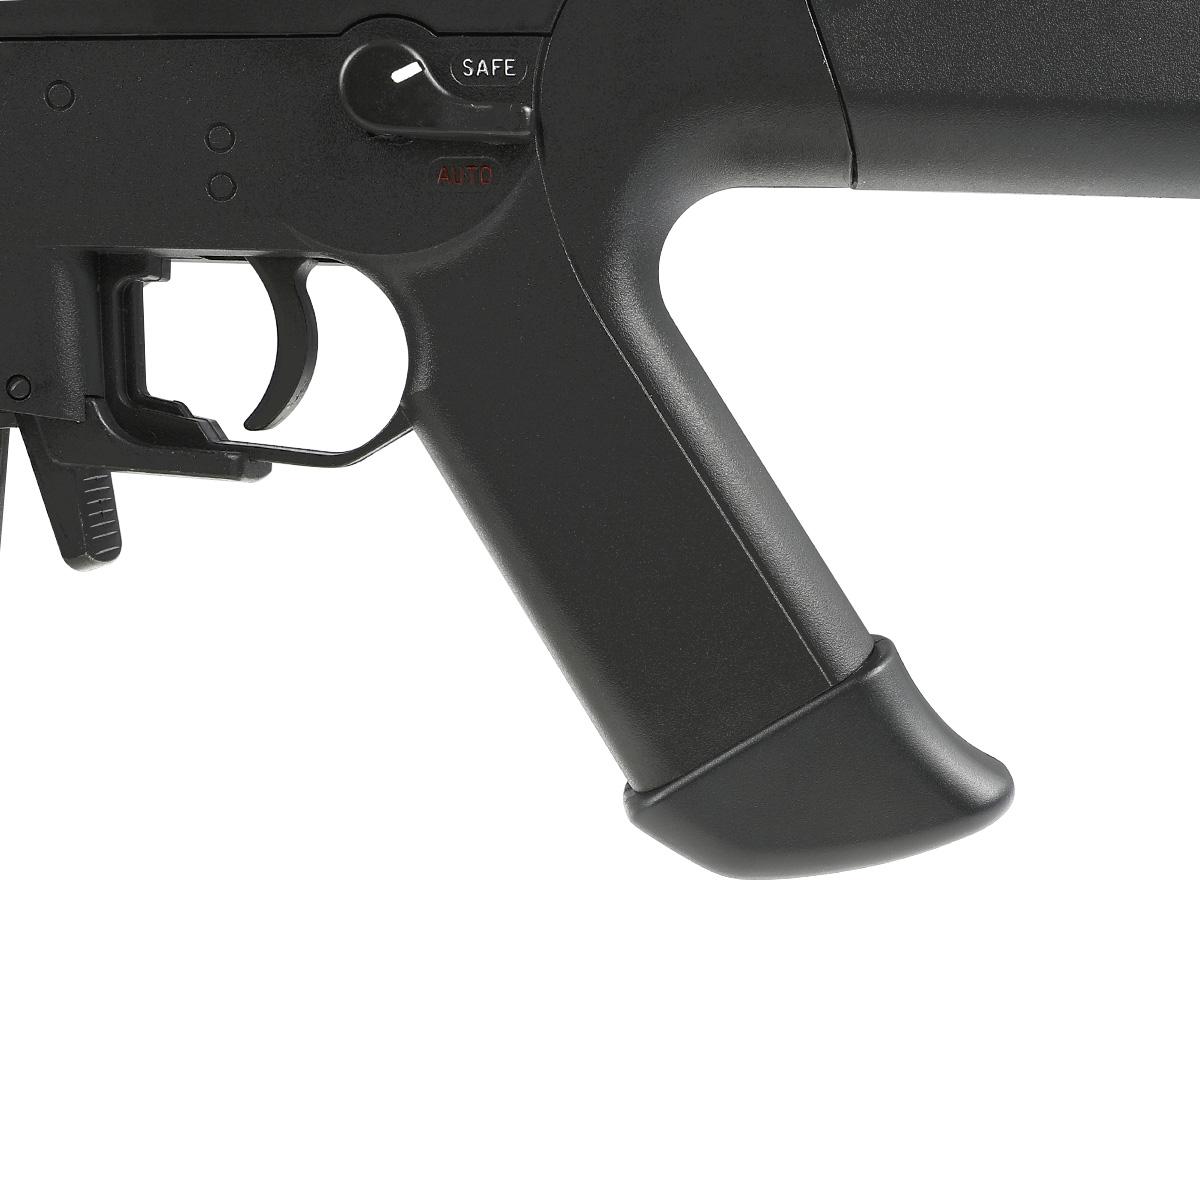 【同梱不可】 SRC H&K XM8-R フルサイズ電動ガン NV Desert (JP Ver.) 【配送業者:佐川急便限定】